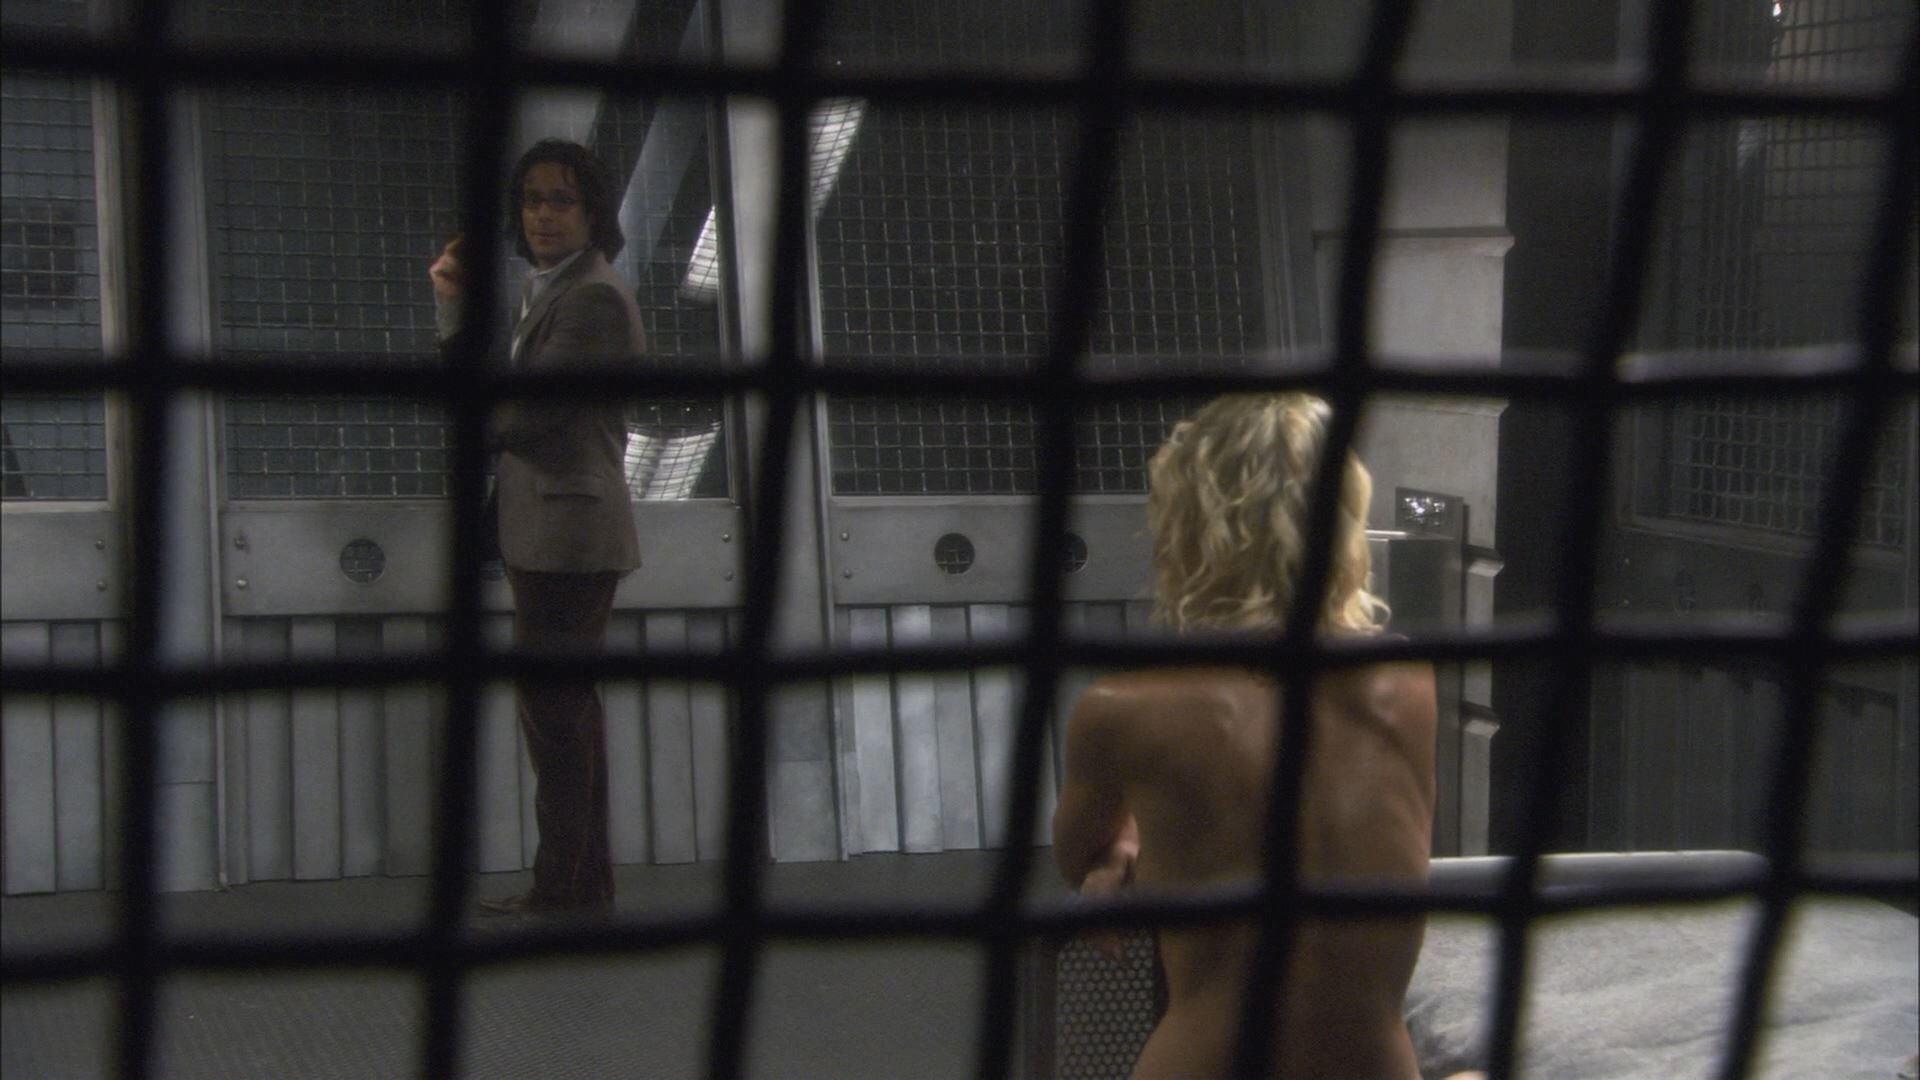 Battlestar galactica nude nude in battlestar galactica